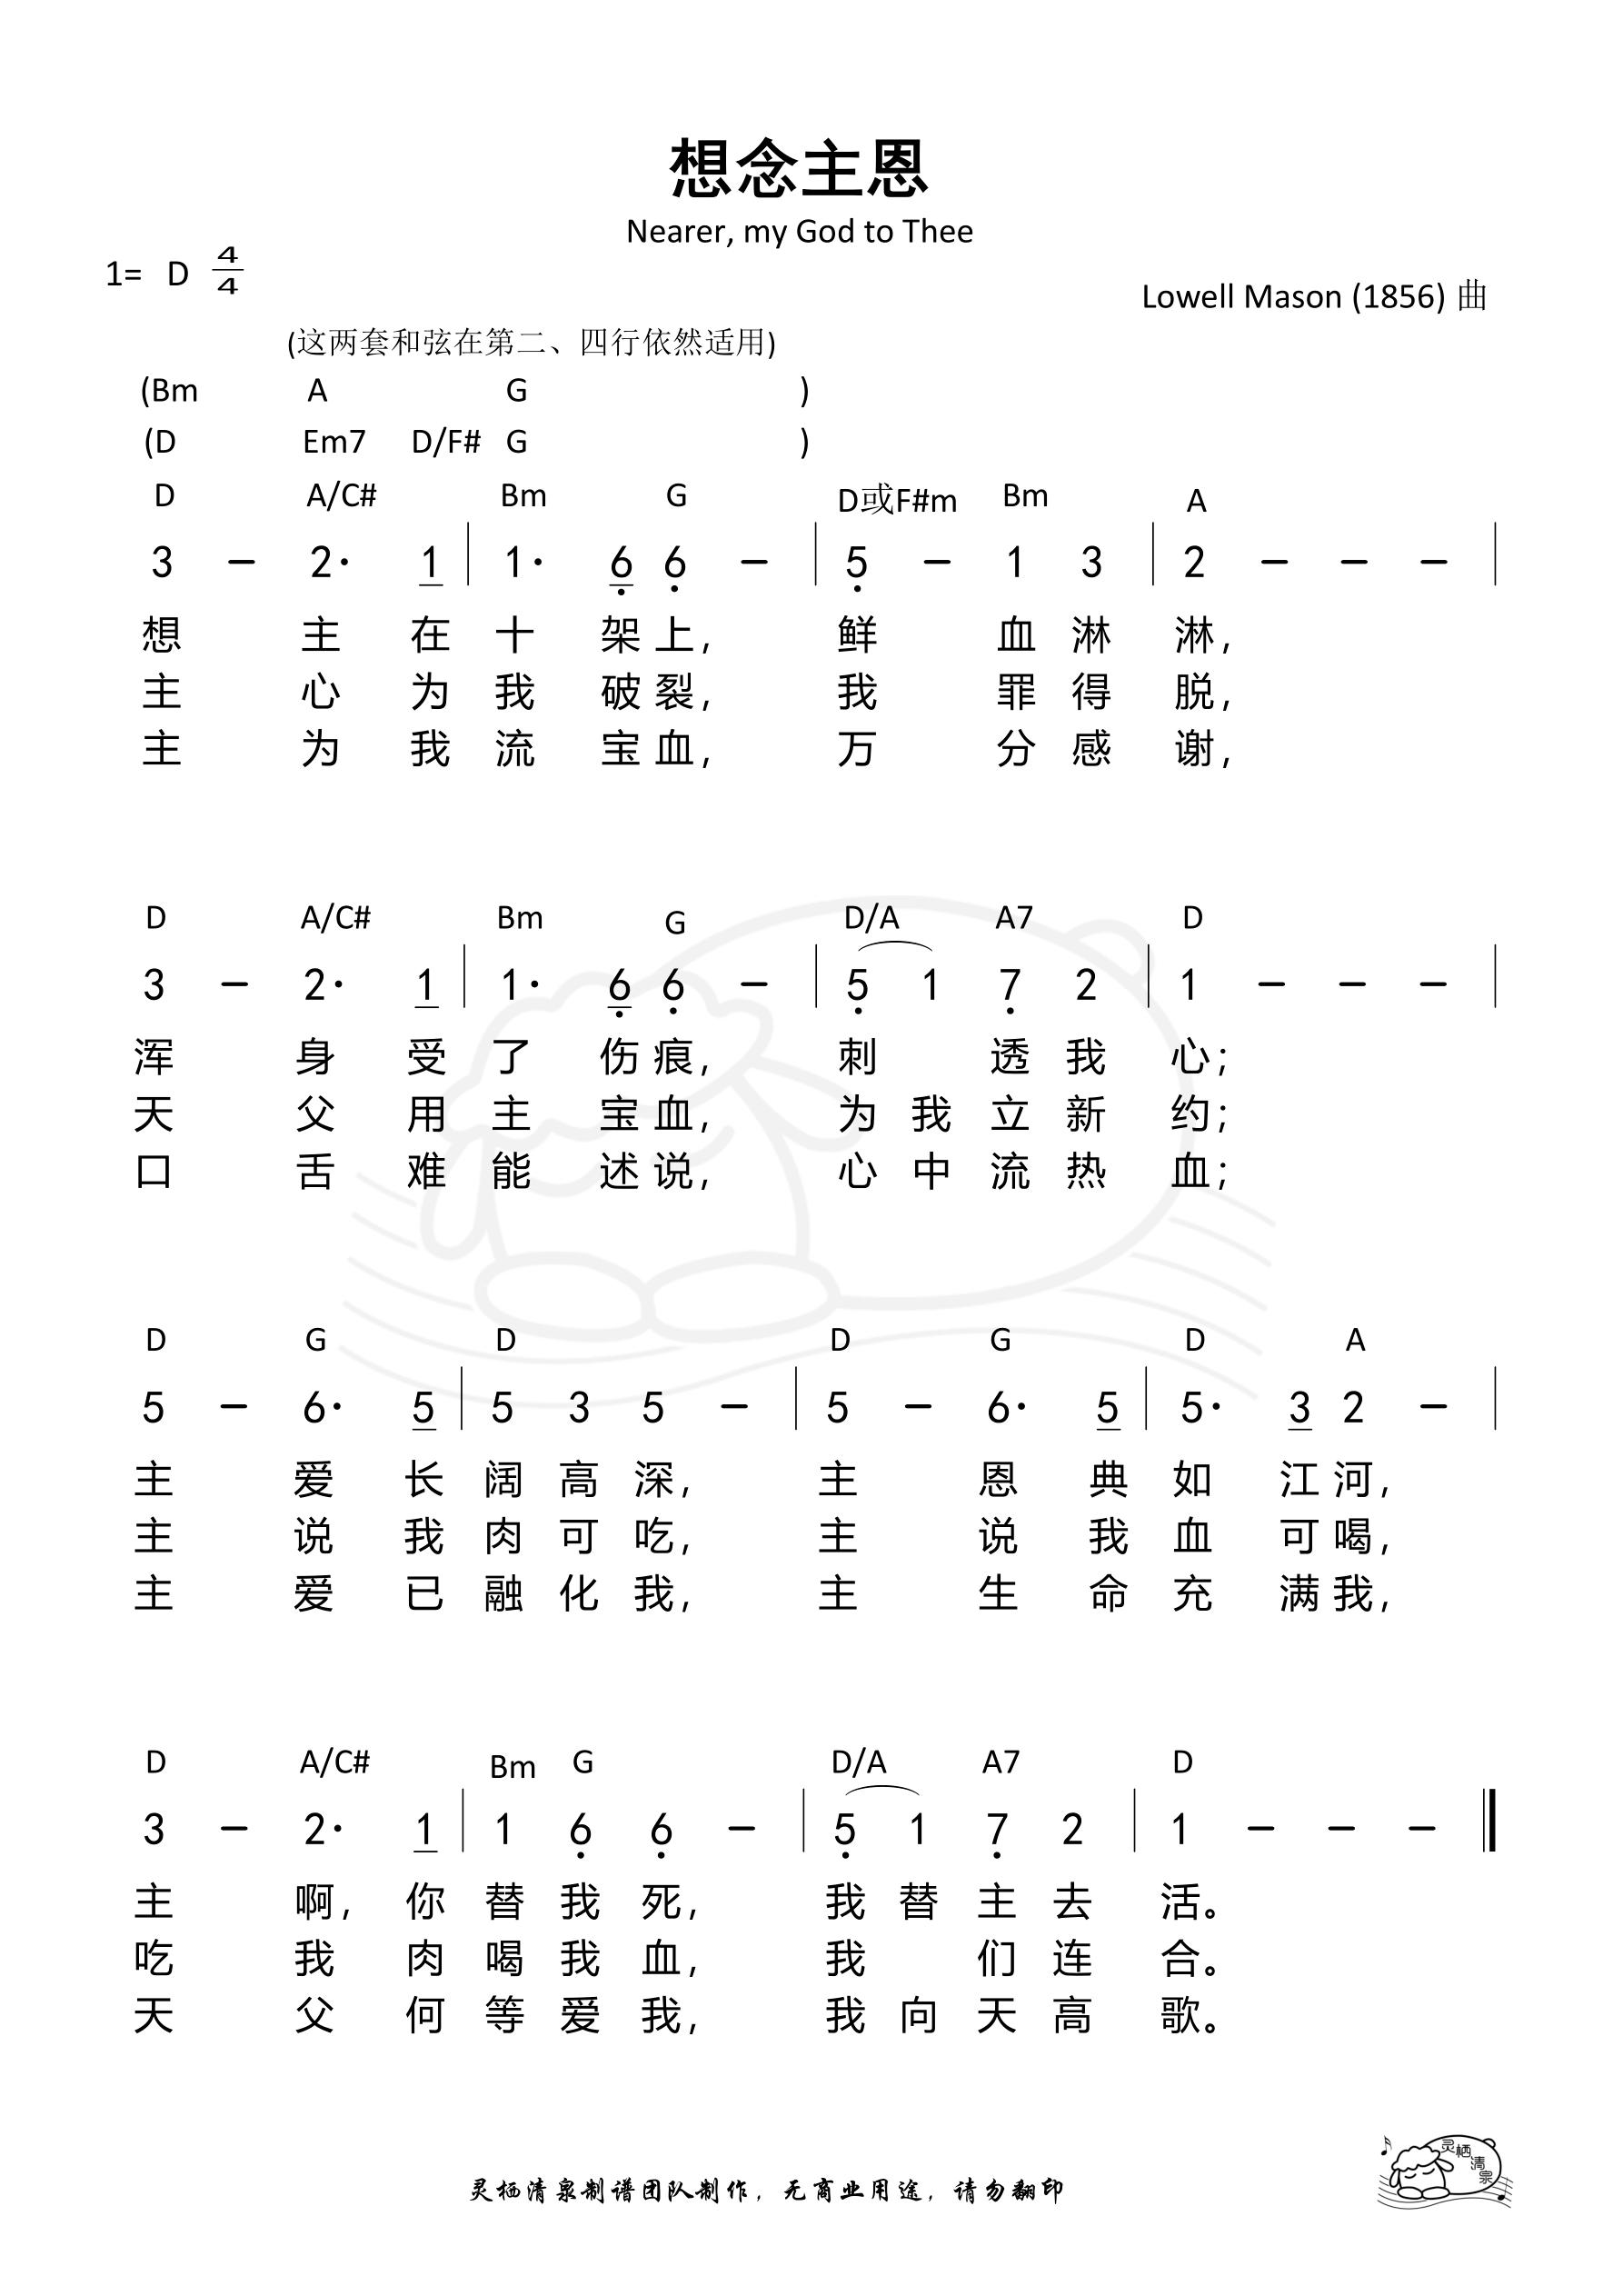 《第228首 - 想念主恩 和弦简谱》